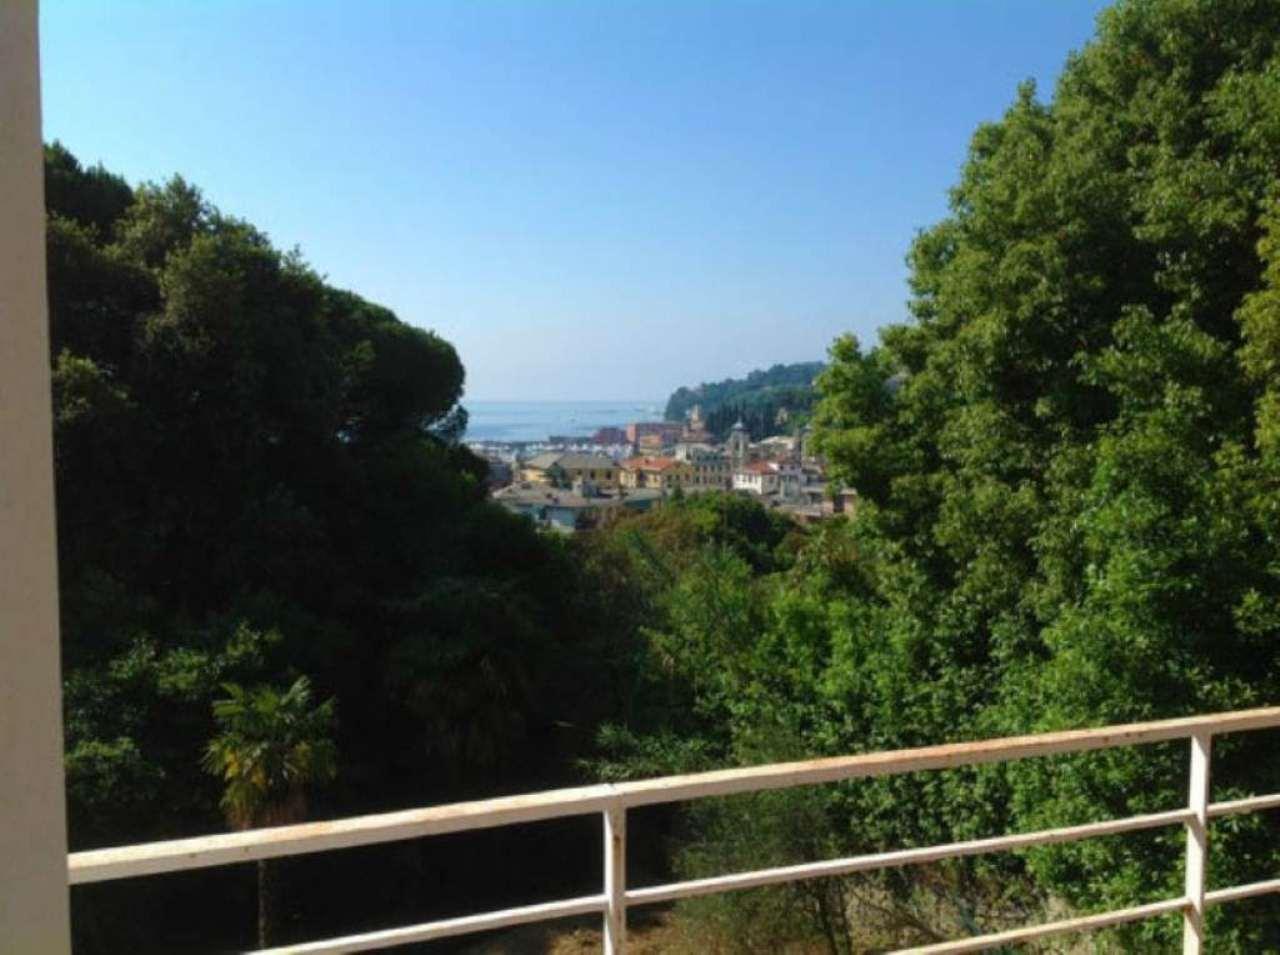 Appartamento in vendita a Santa Margherita Ligure, 10 locali, Trattative riservate | CambioCasa.it